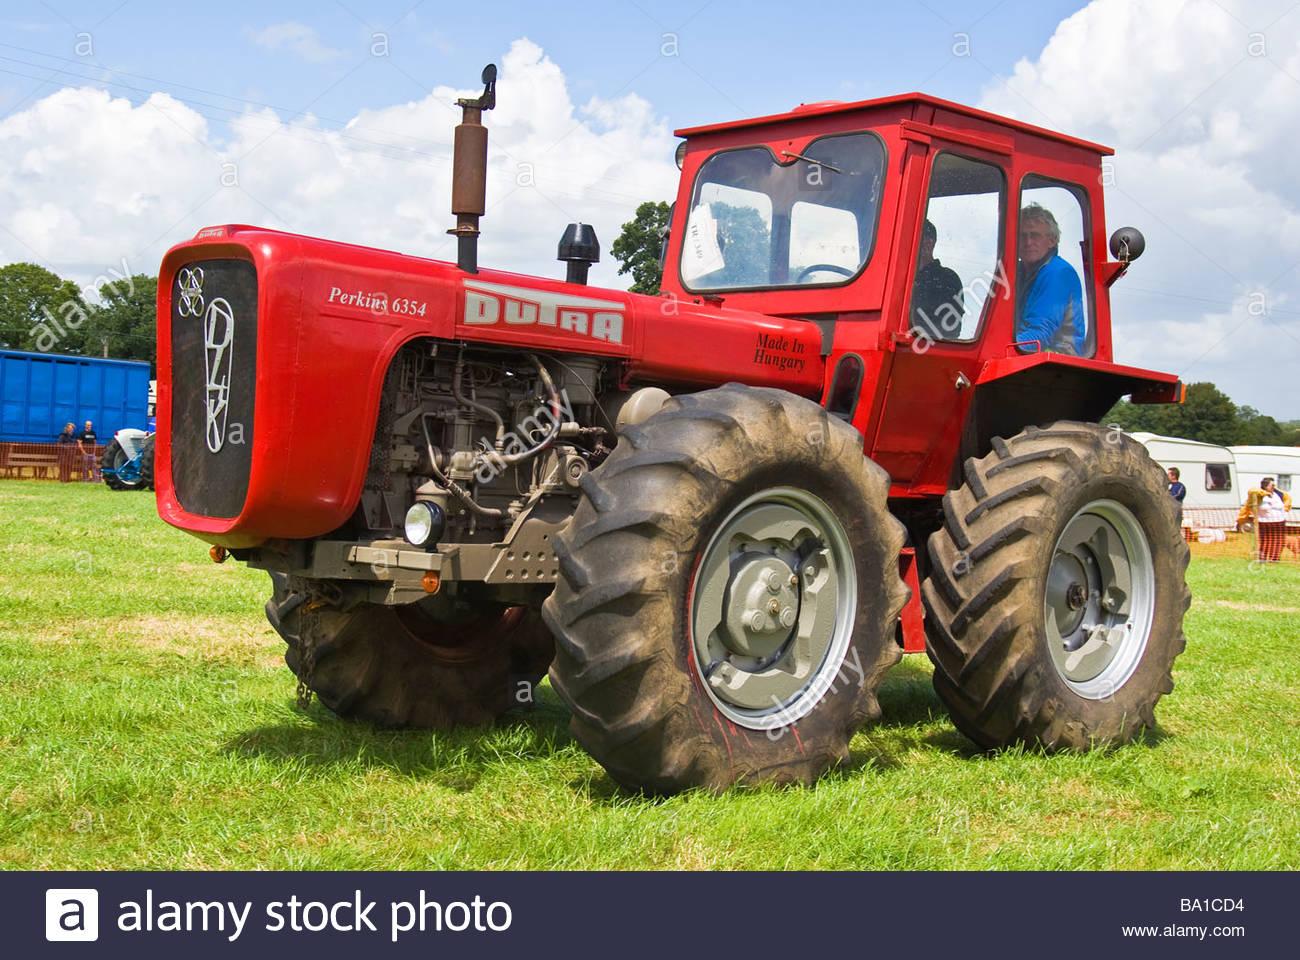 dutra farm tractors